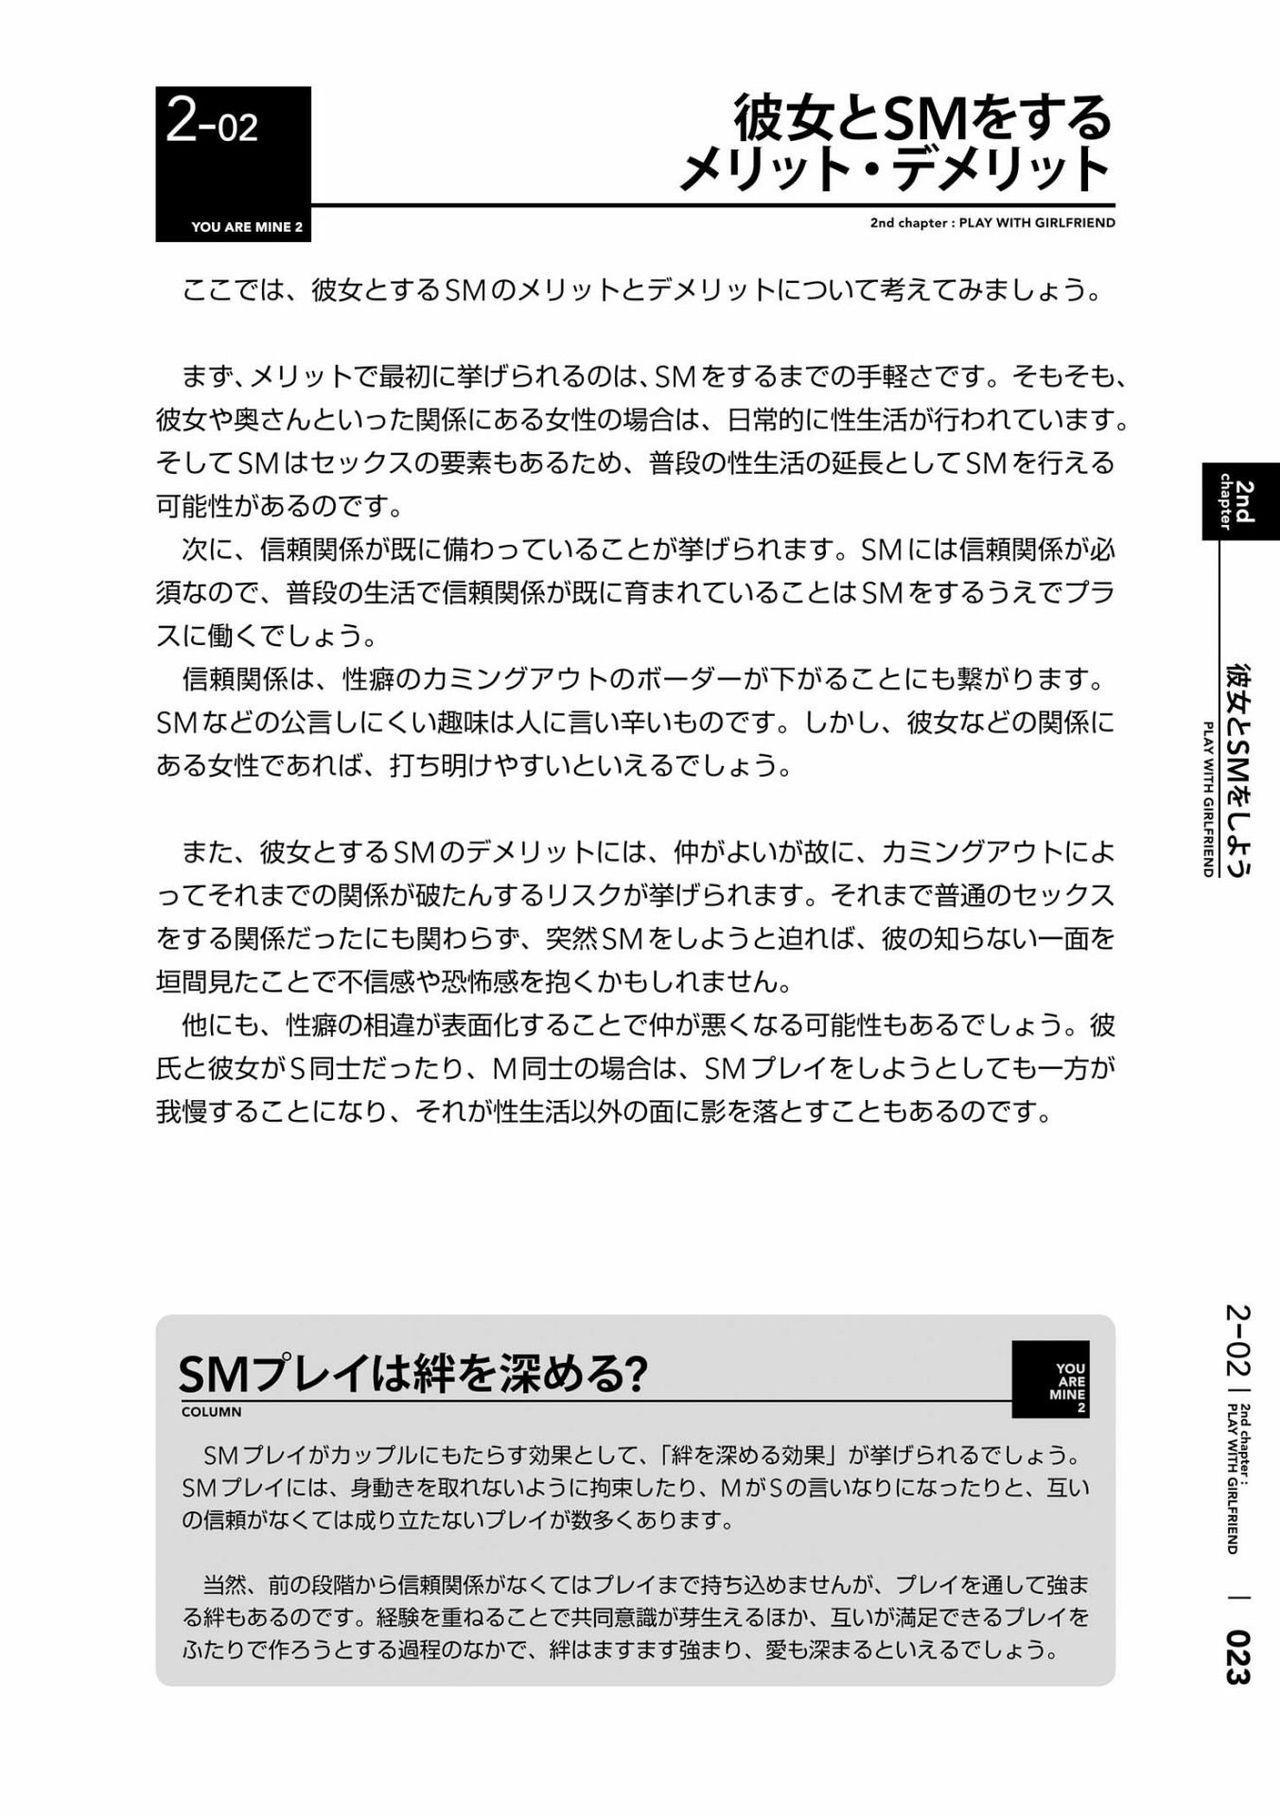 [Mitsuba] Karada mo Kokoro mo Boku no Mono ~Hajimete no SM Guide~ 2 [Digital] 25